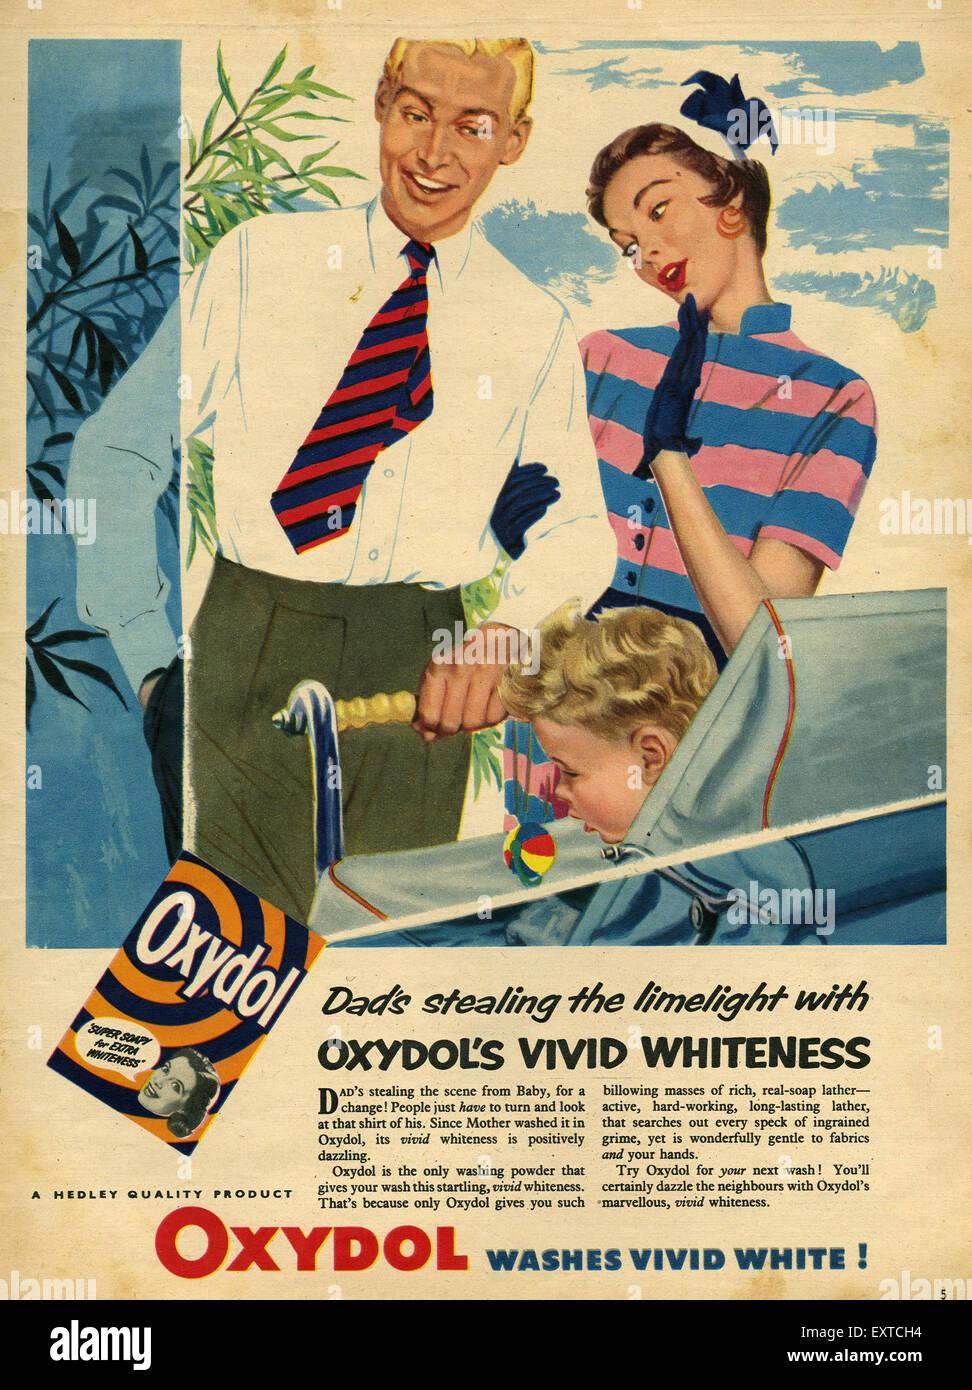 Oxydol Waschpulver Stockfotos und  bilder Kaufen   Alamy